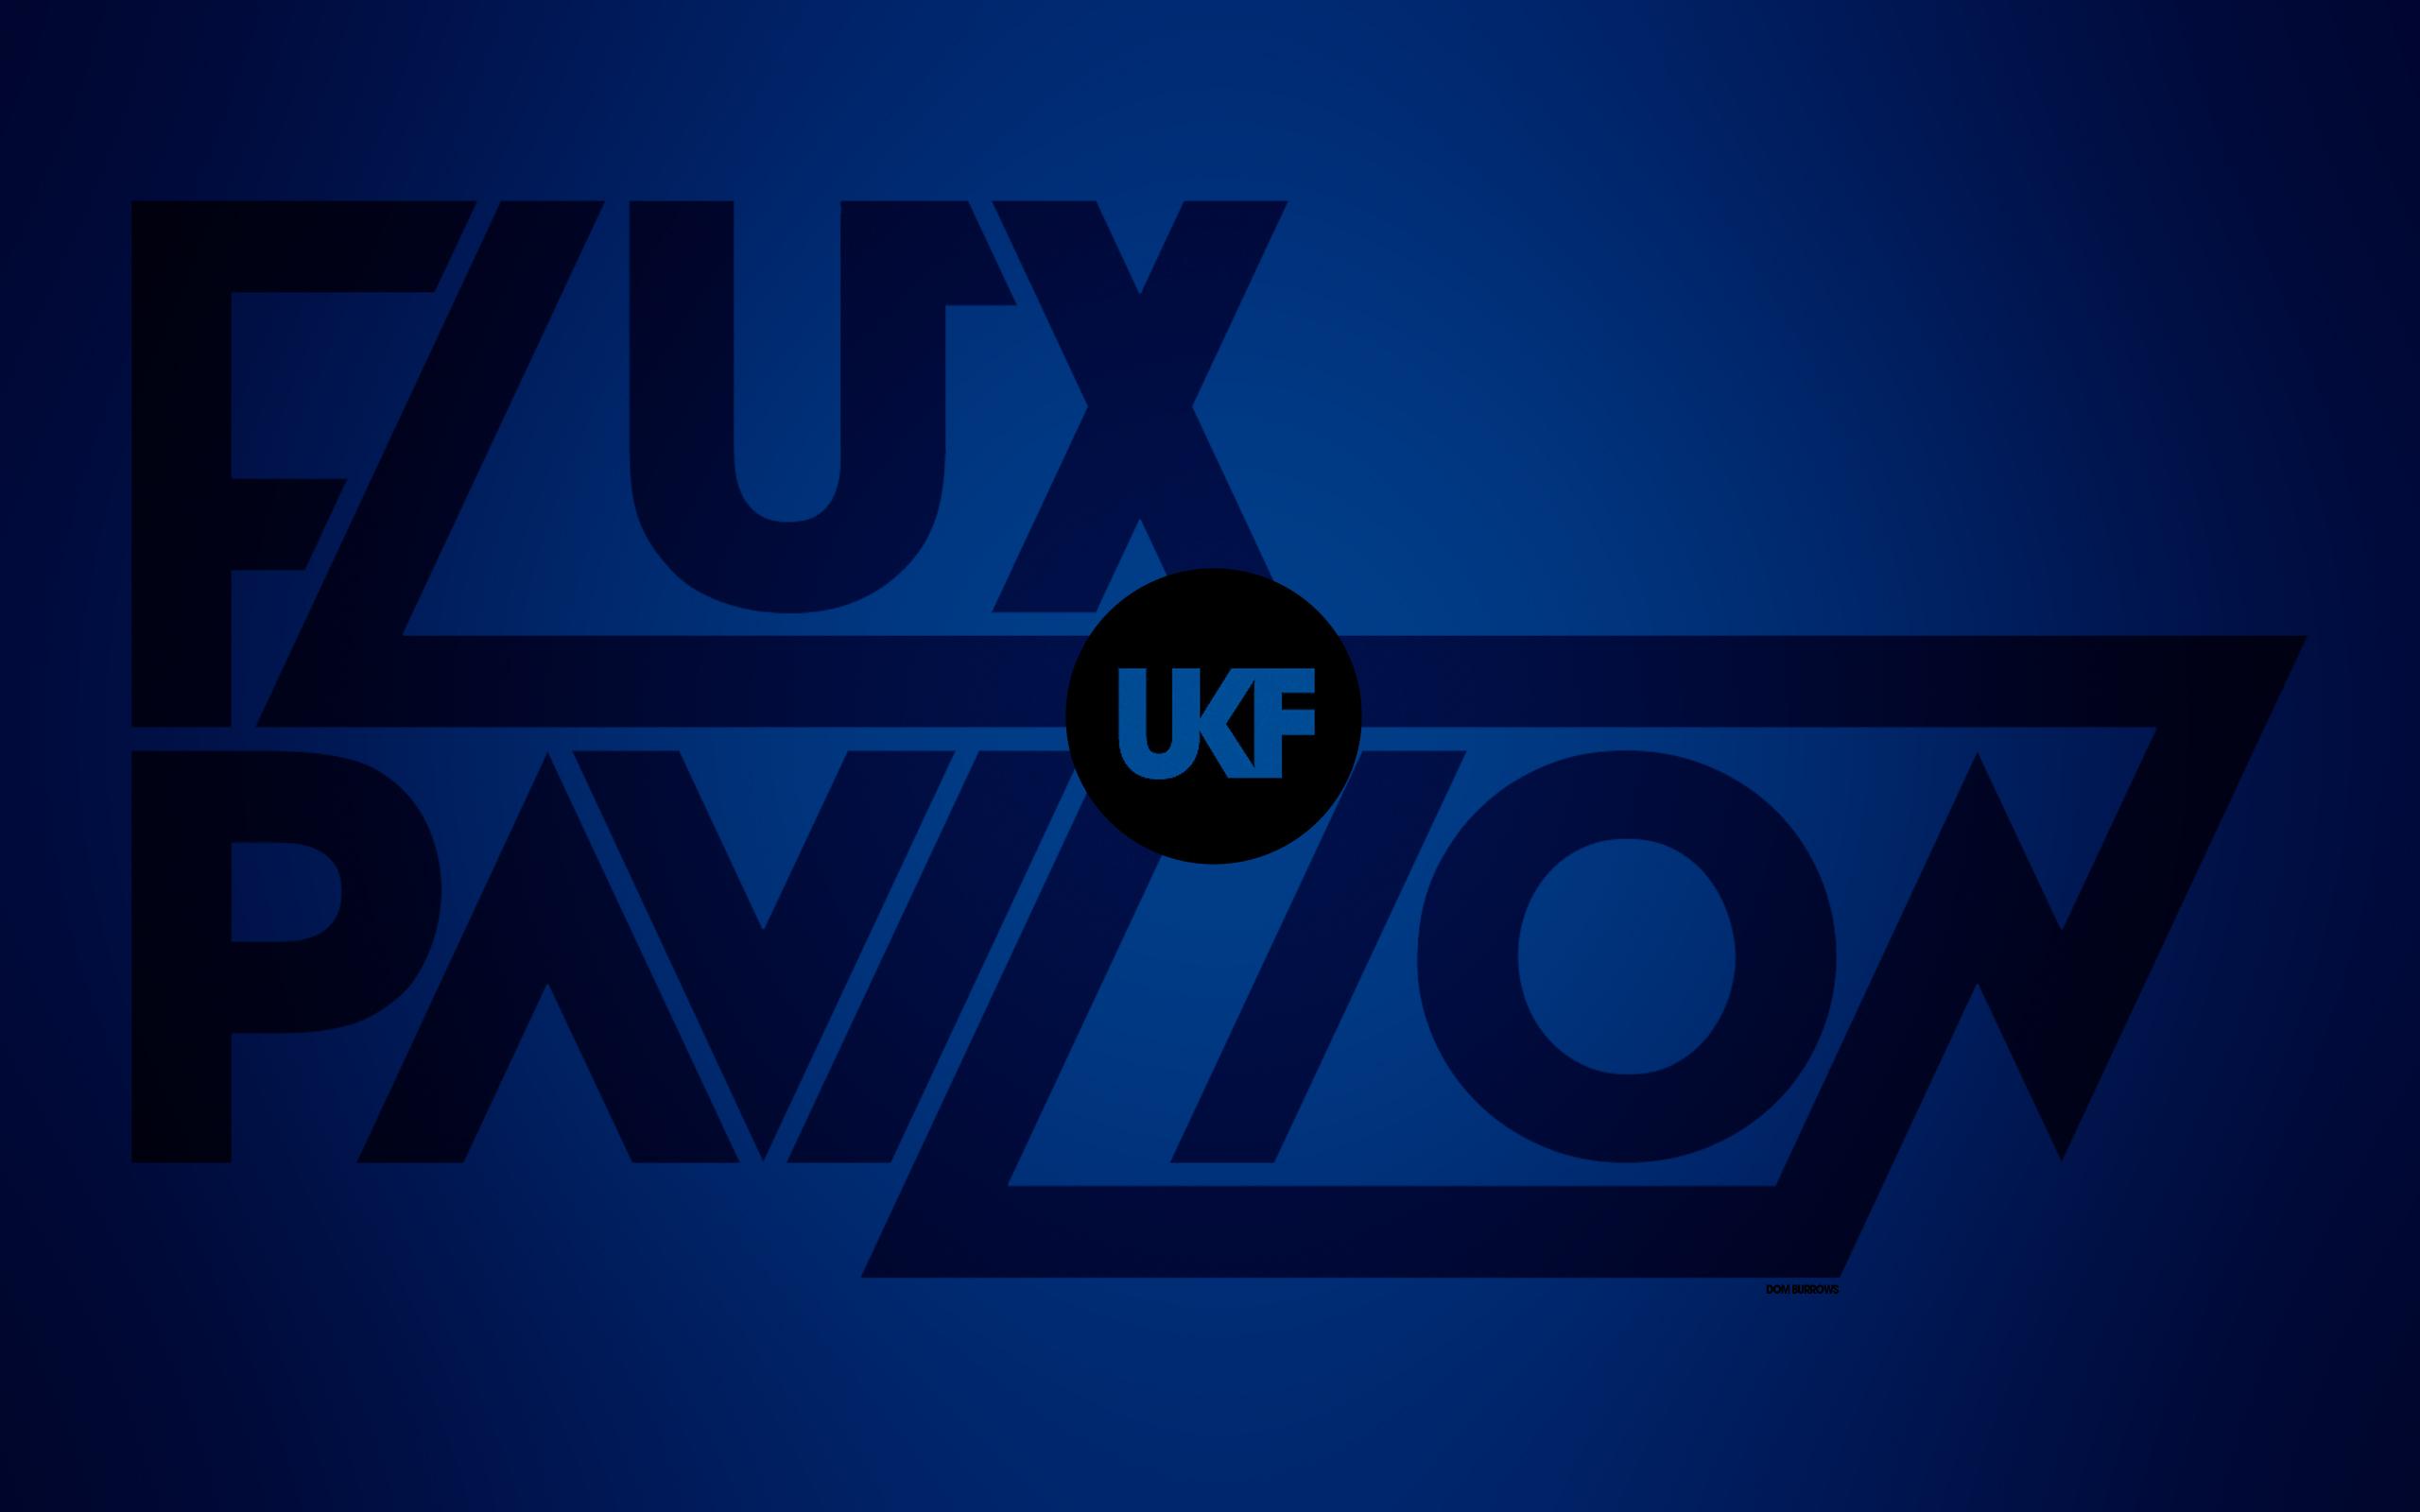 UKF Artists - Flux Pavilion